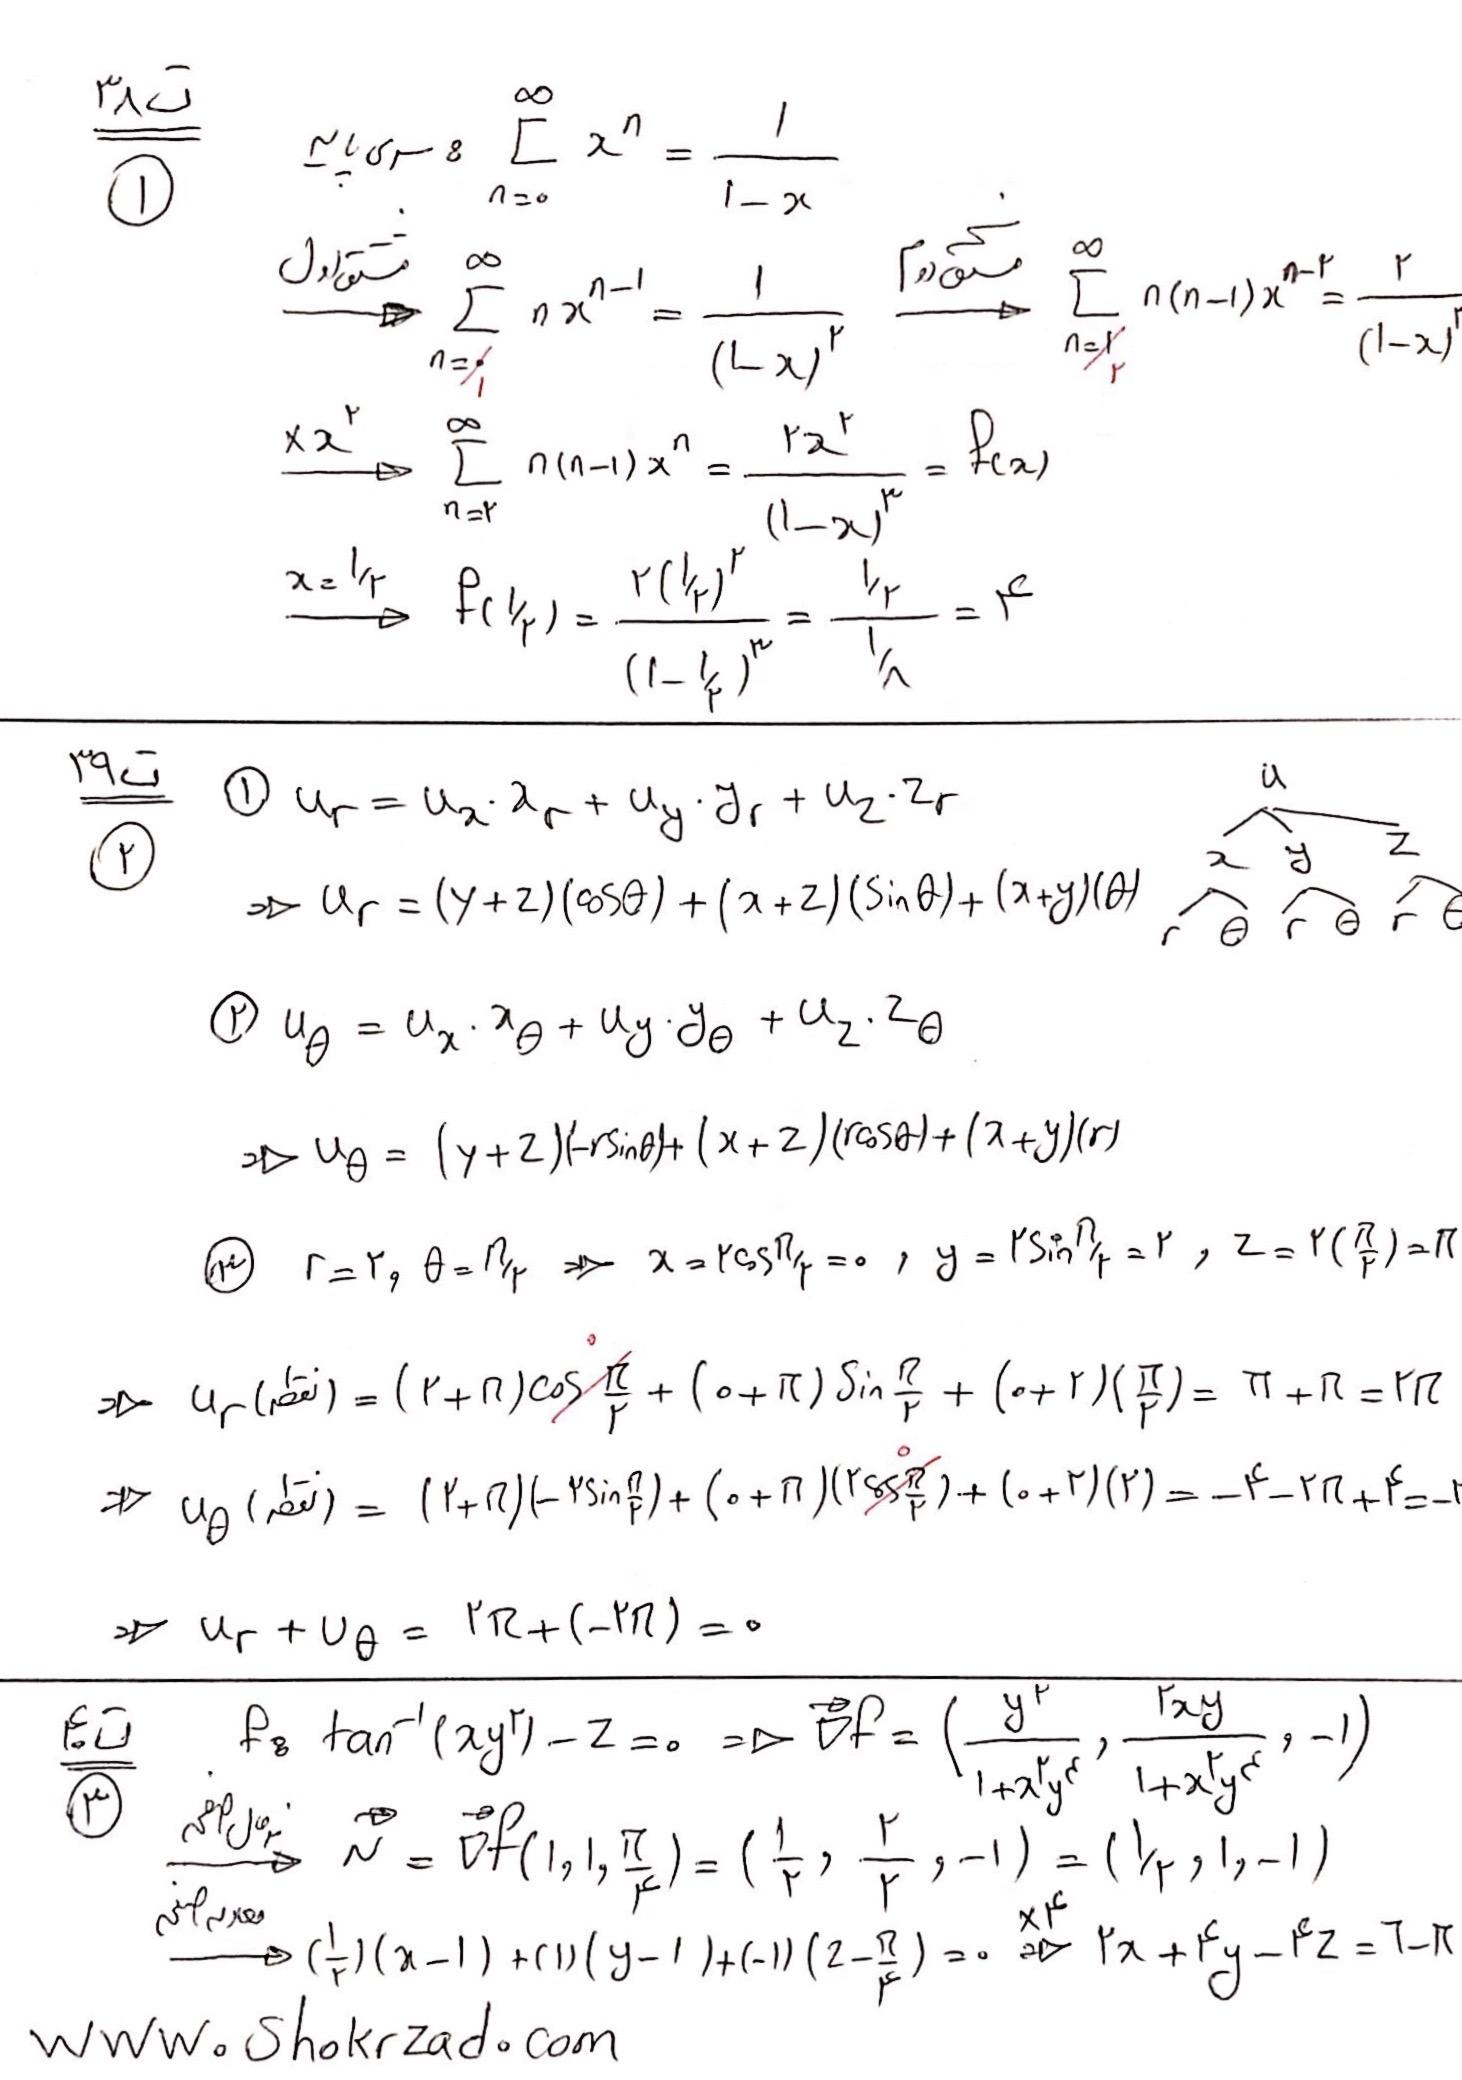 ریاضی ارشد نقشه برداری 95